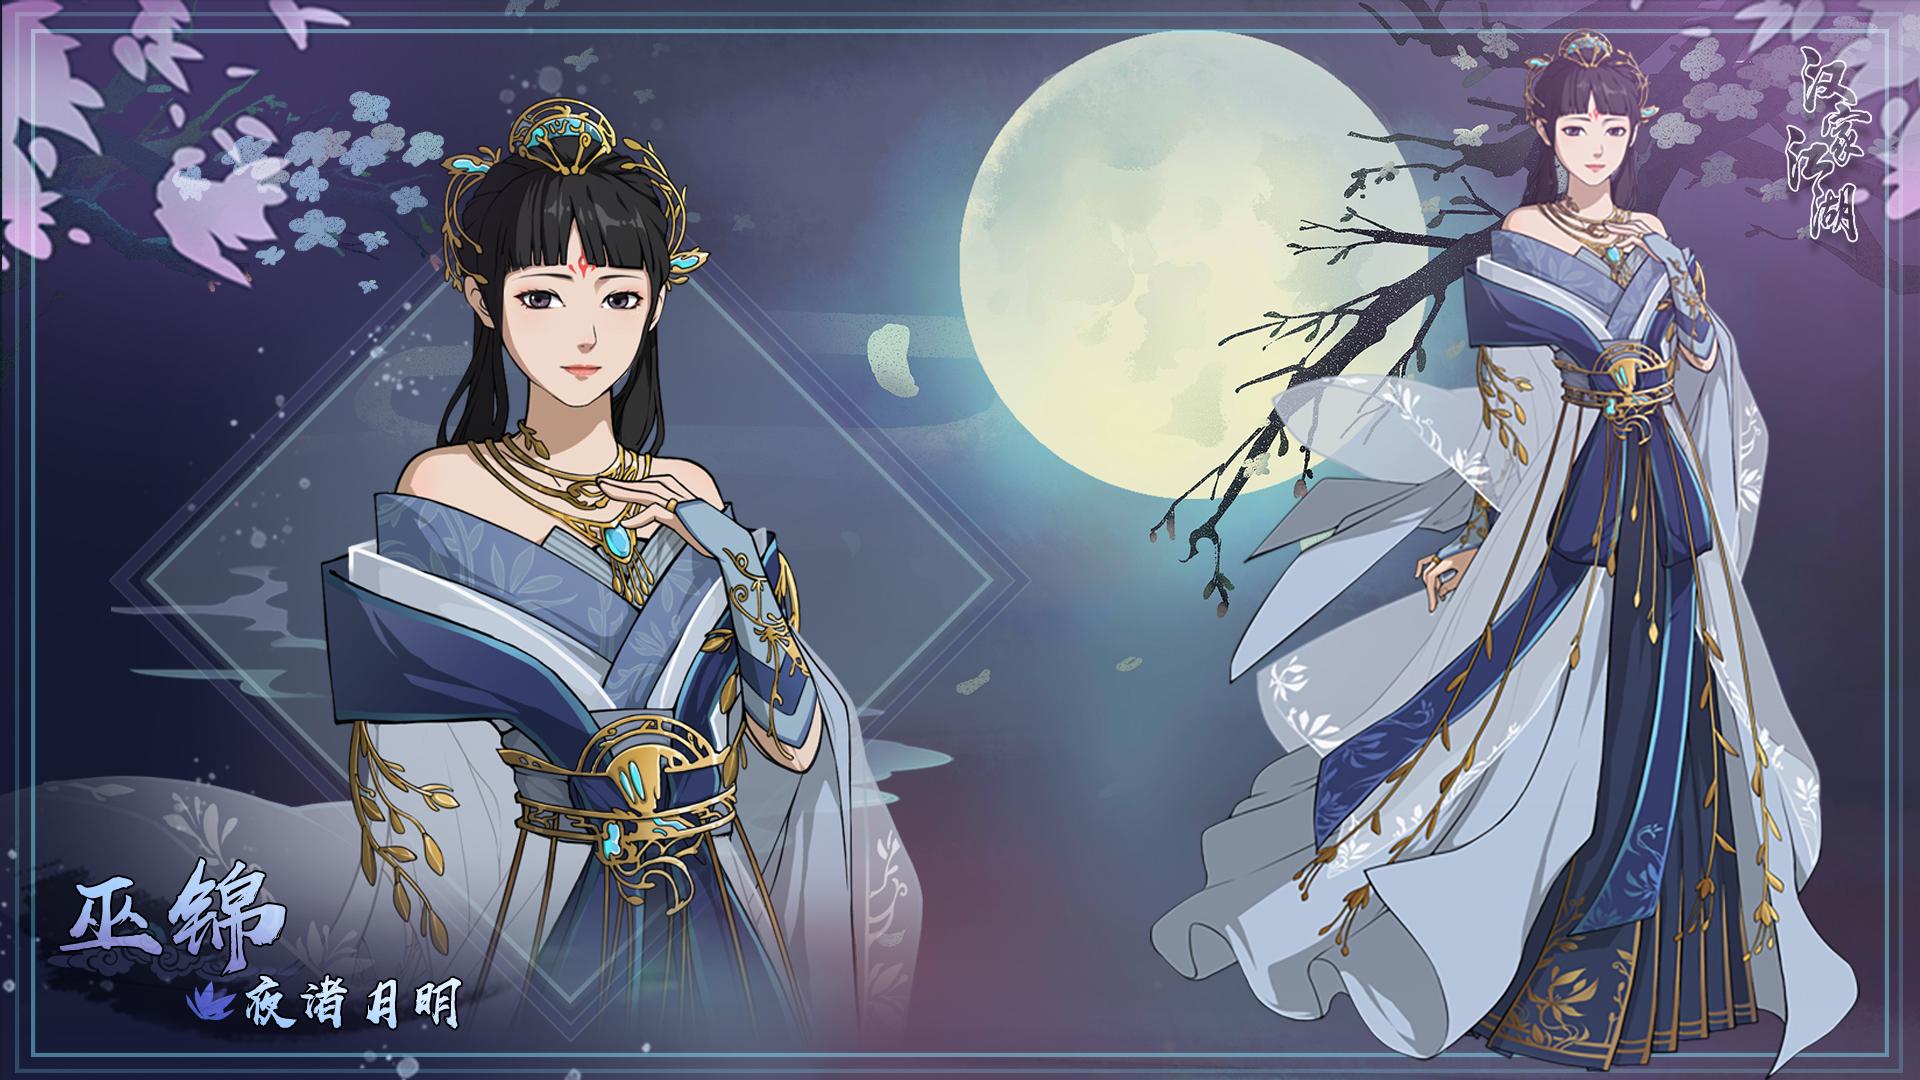 巫锦-夜渚天明-壁纸.jpg